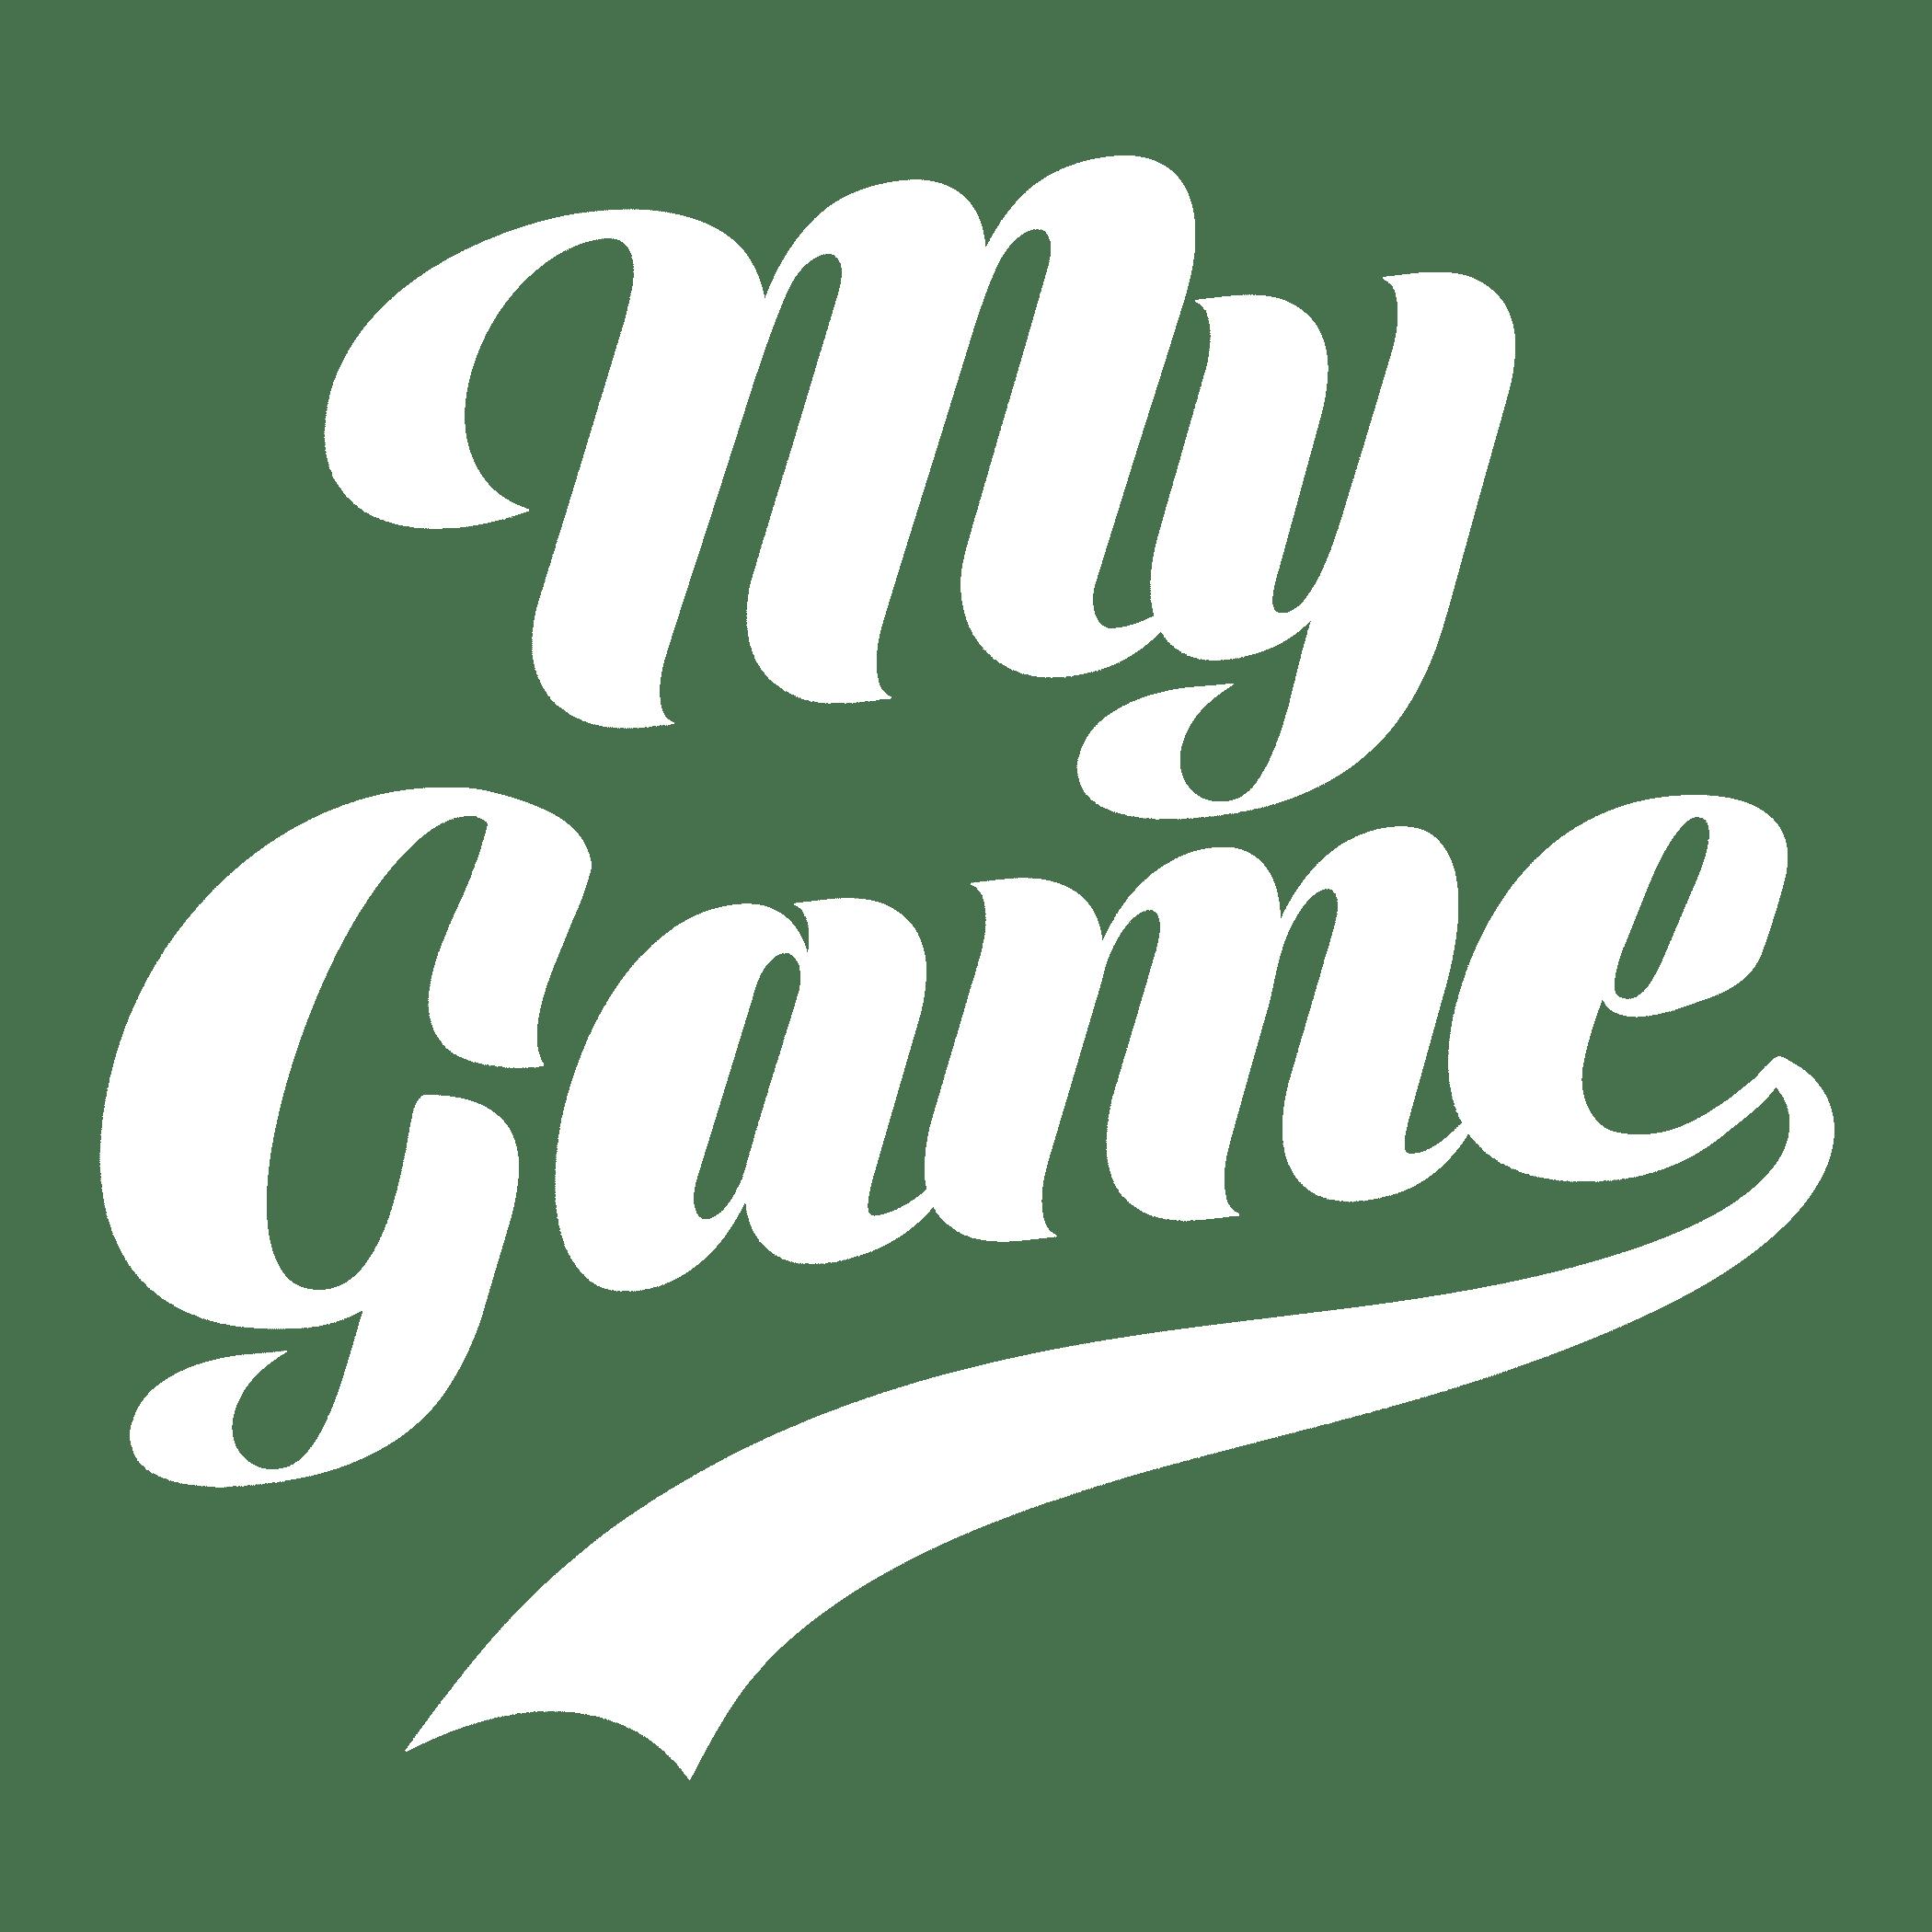 Graphics, Font, Text